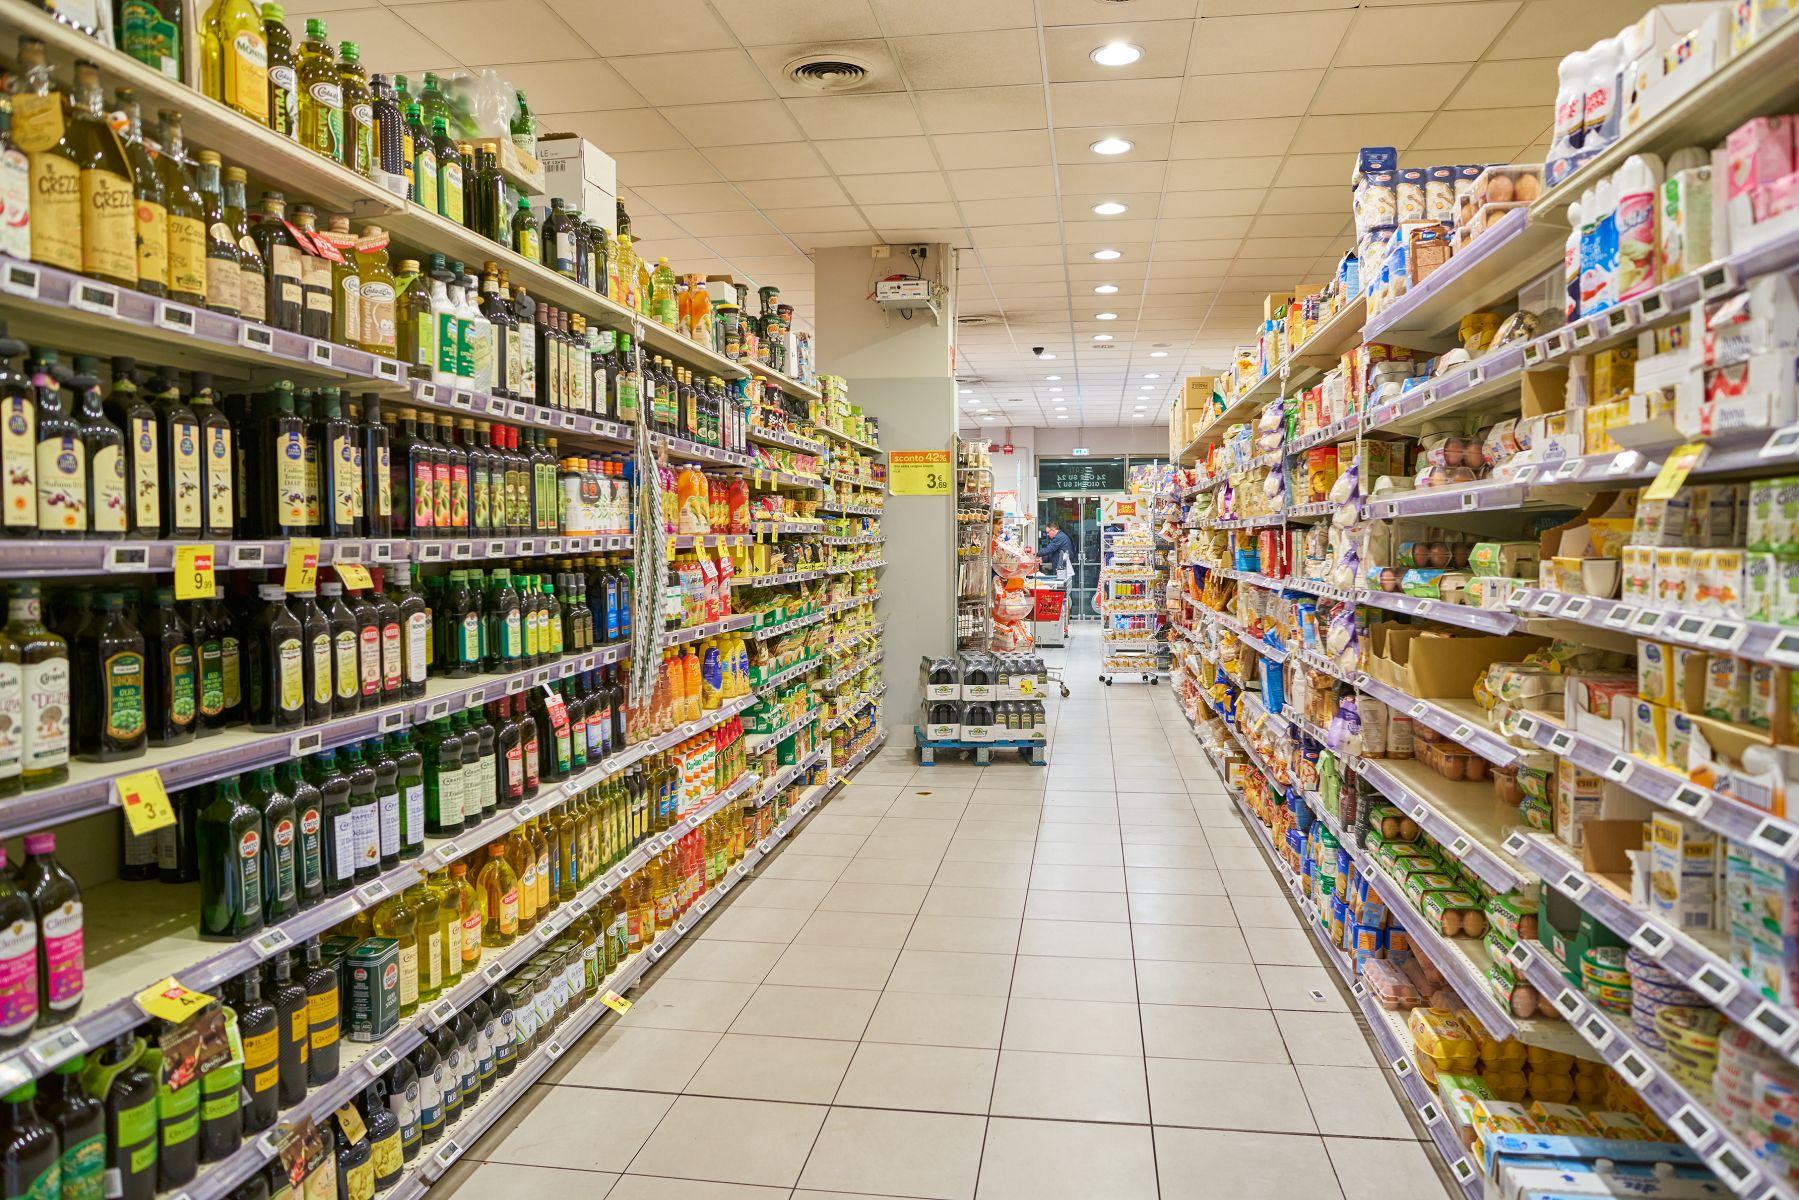 超商店員月薪正職跟工讀差不多 網友嘆:負責任卻沒價值